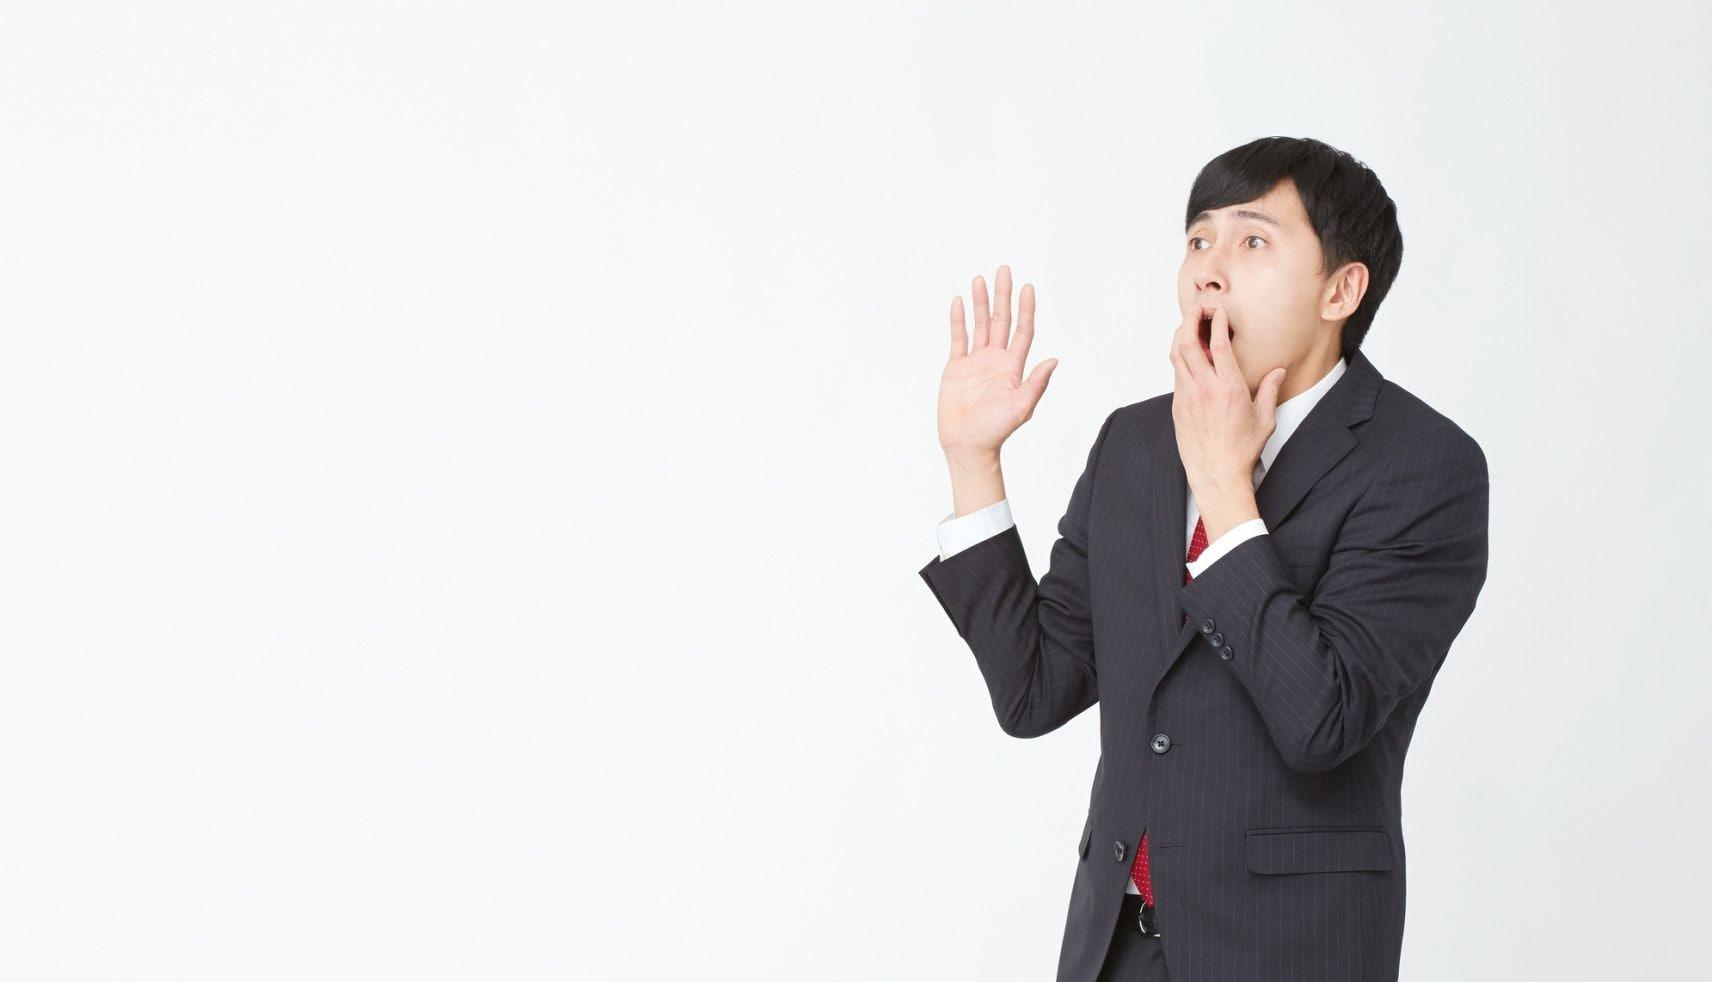 丁寧なつもりで失礼!この英語に気をつけろ | 実践!伝わる英語トレーニング